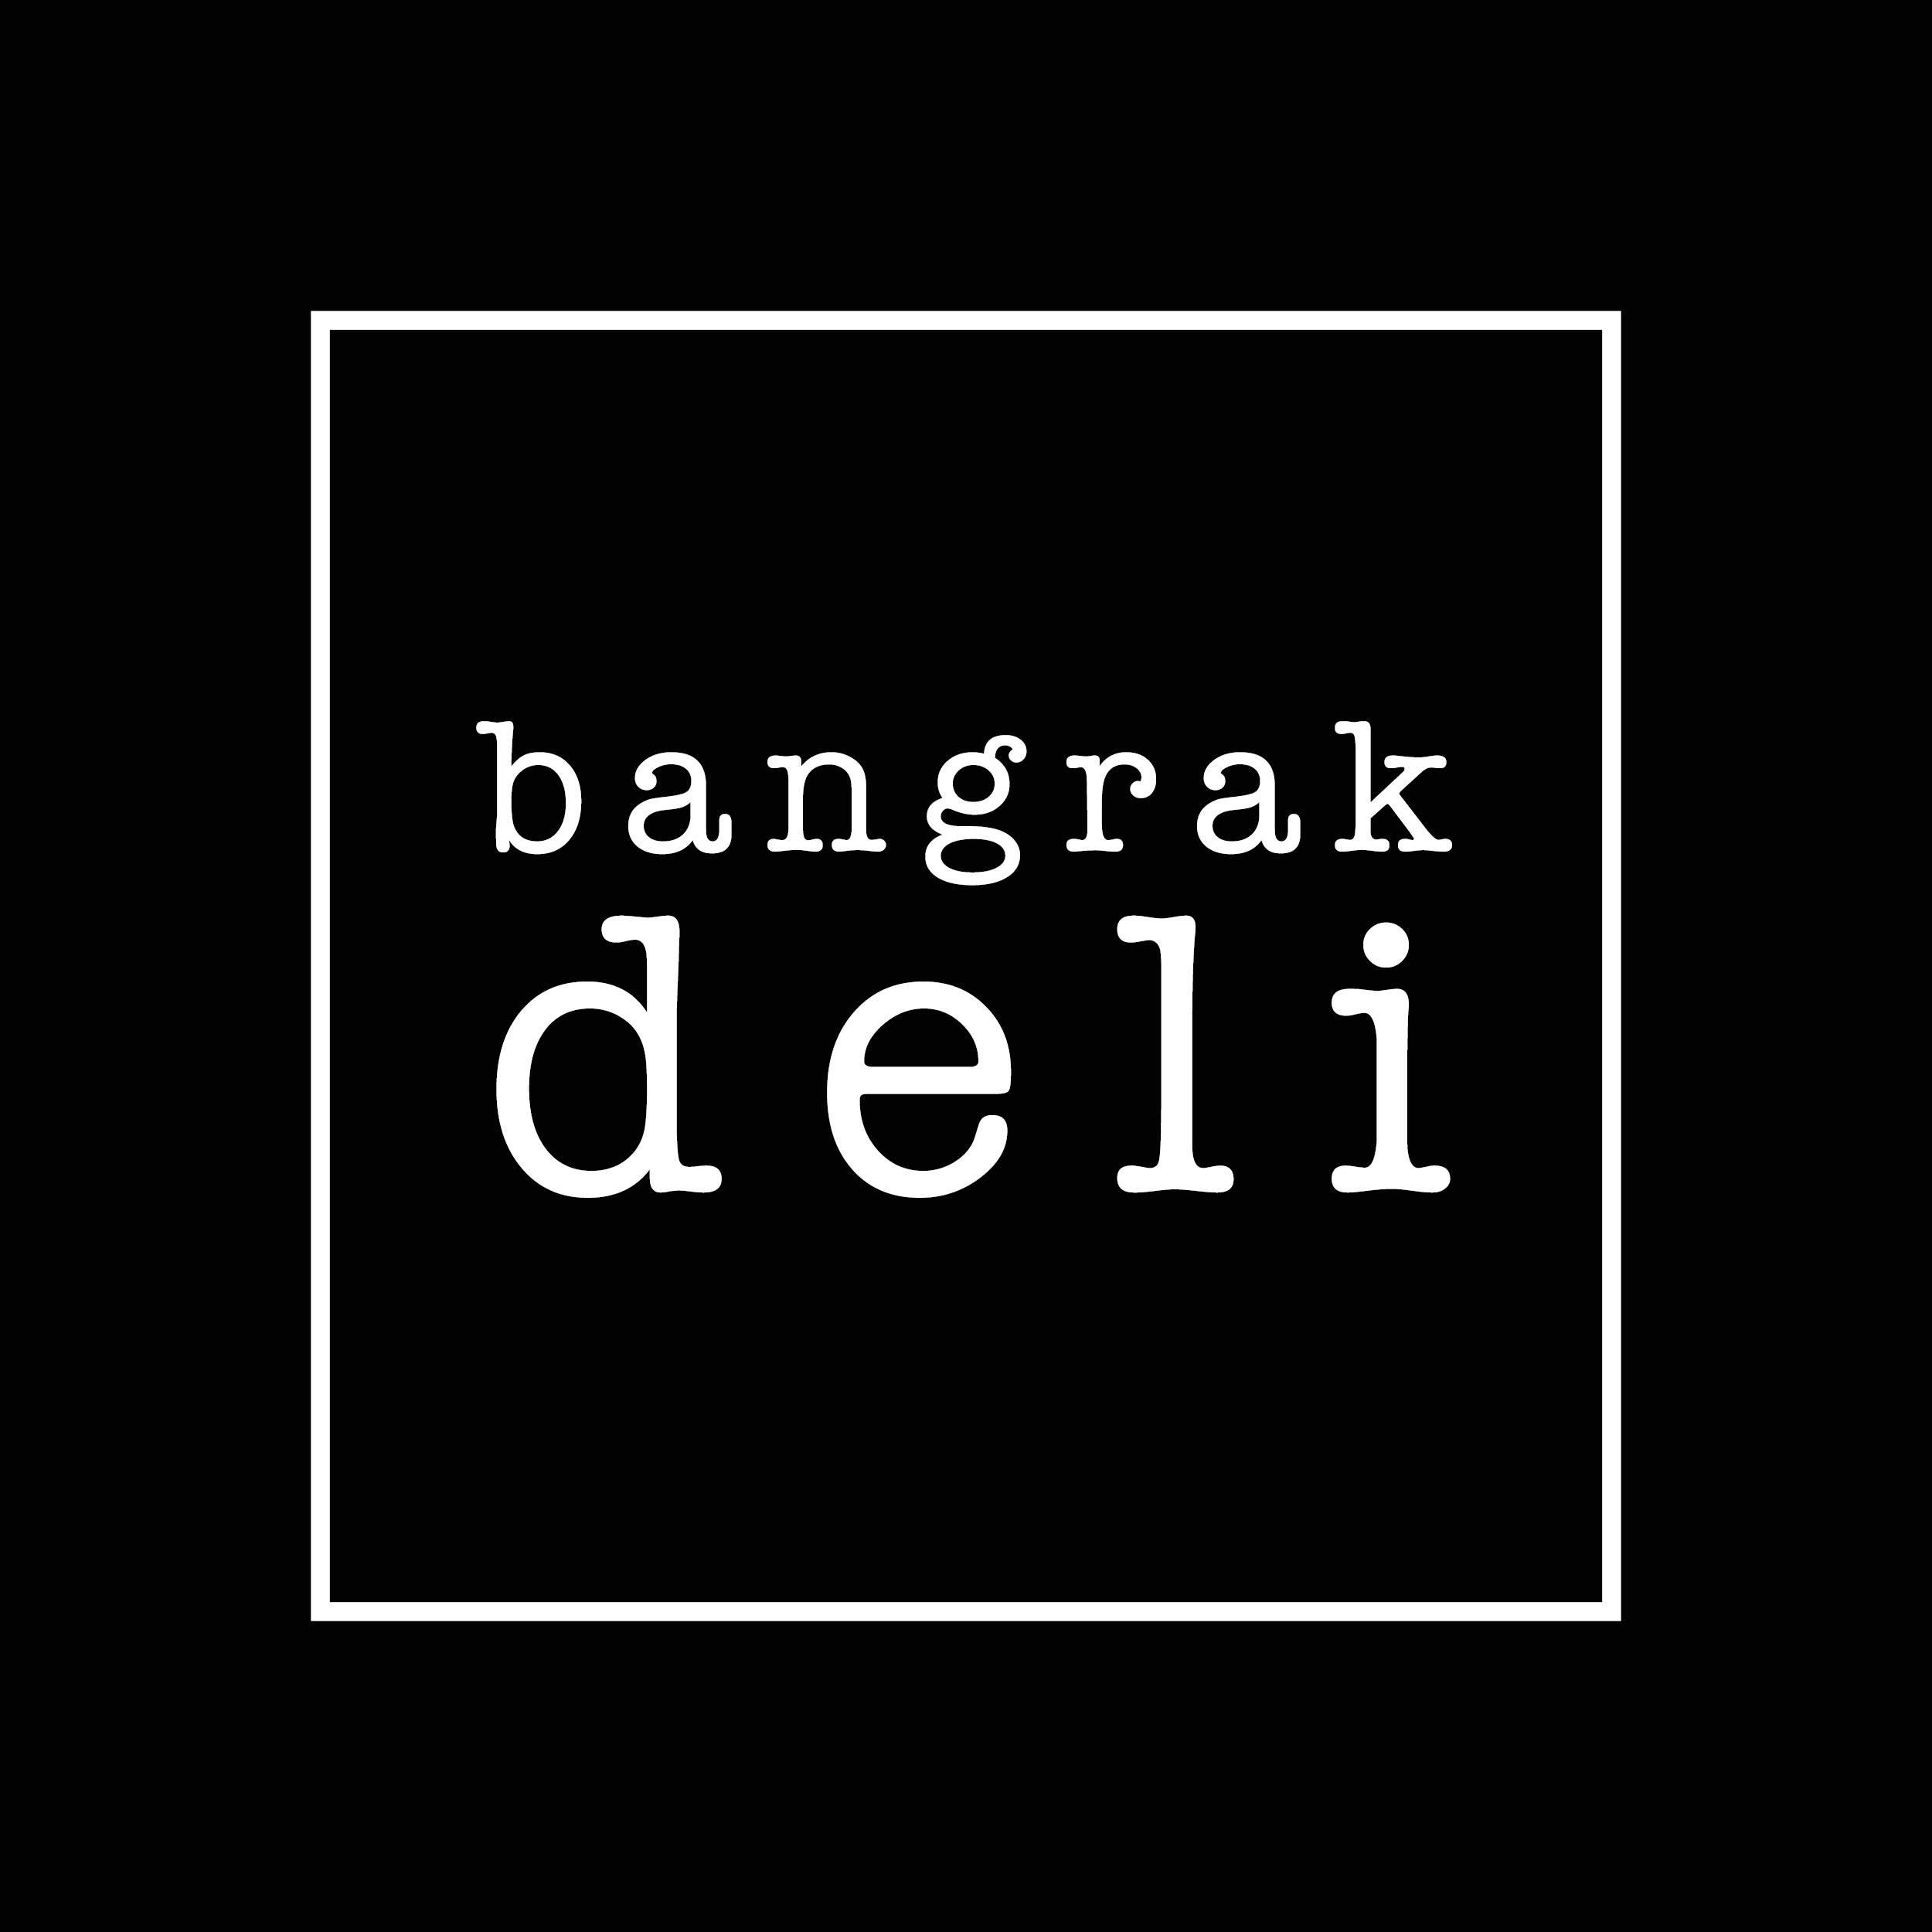 Bangrak Deli